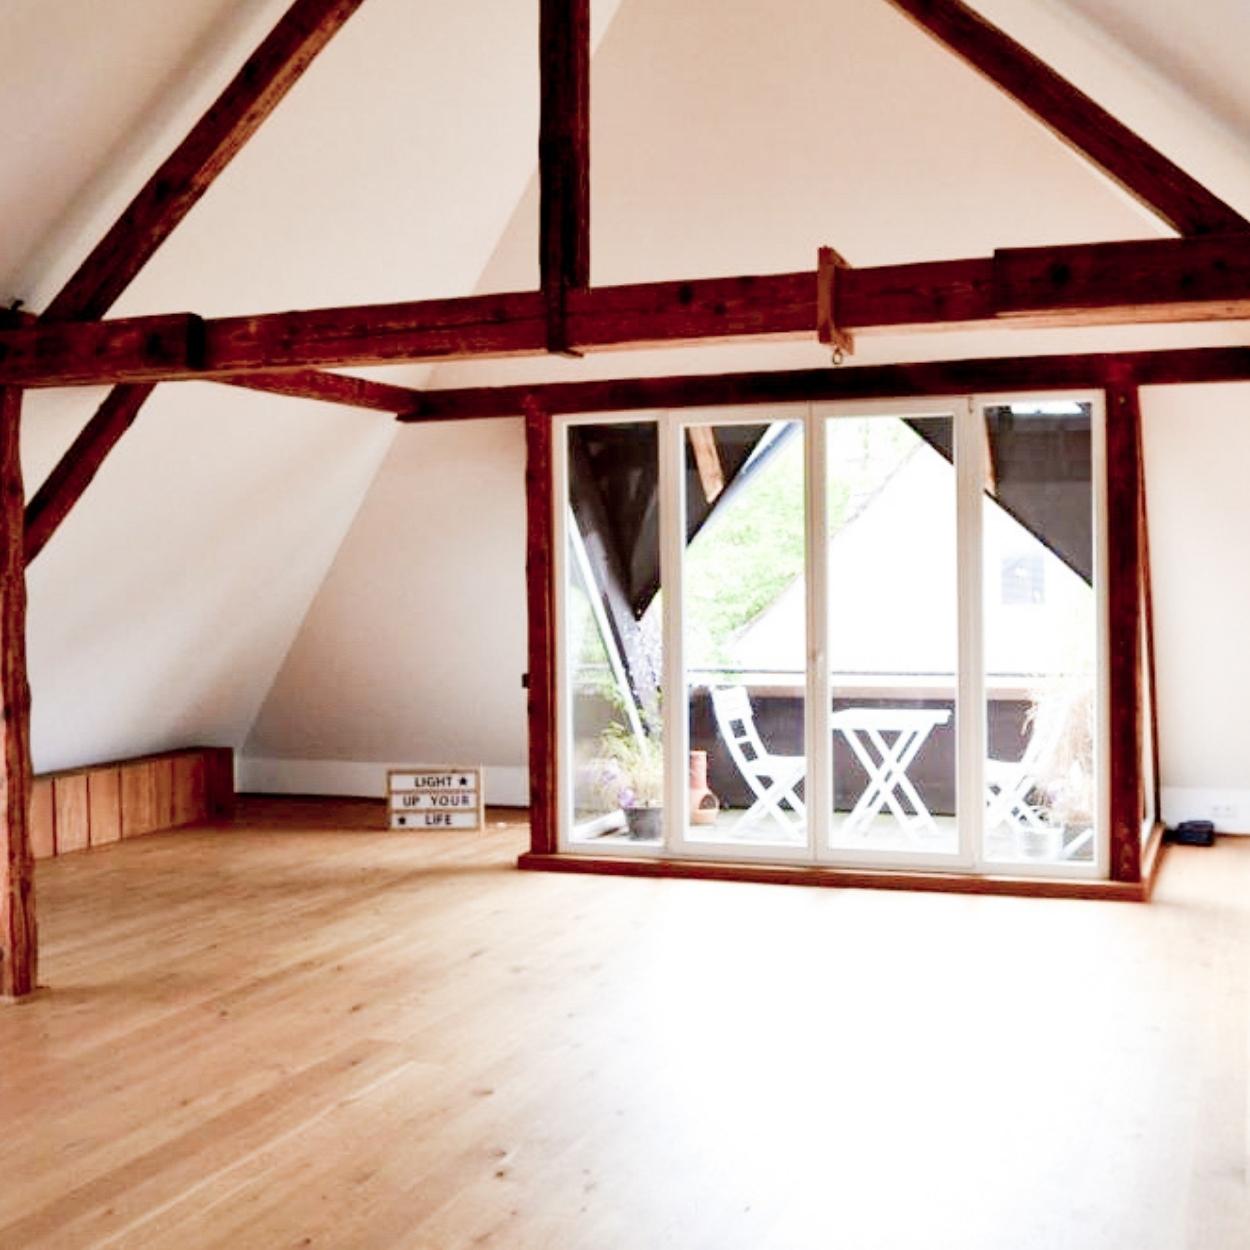 Yoga in Bielefeld - Lichtdurchflutete Räume in der Villa am Ostpark mit Parkett